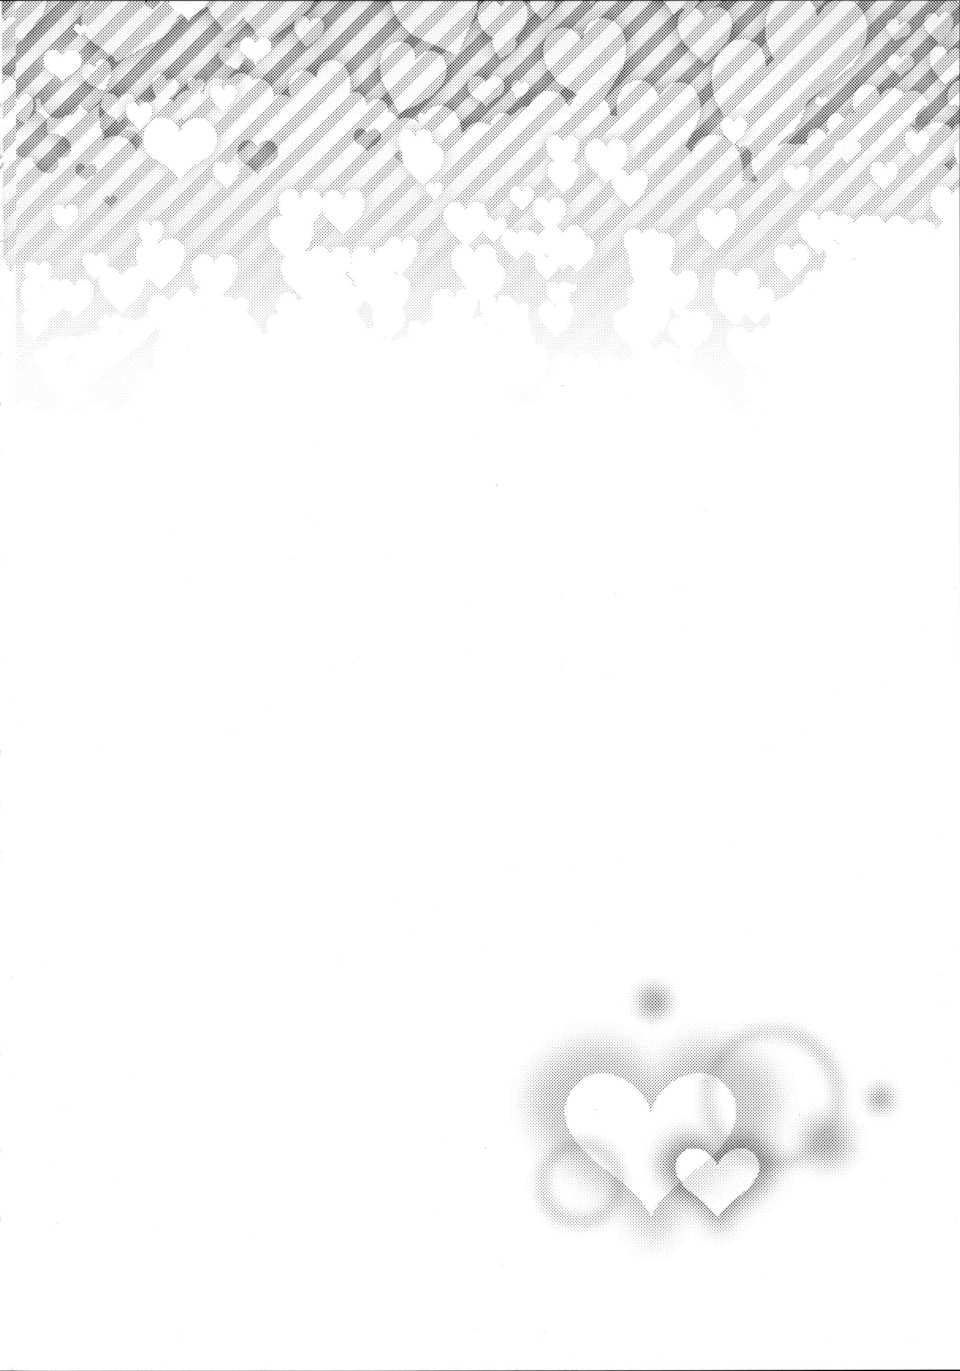 【シンフォギアエロ漫画】ちっぱい美少女な暁切歌と月読調が戦闘中なのにイチャラブ百合エッチしてるーーwww【戦姫絶唱シンフォギア】